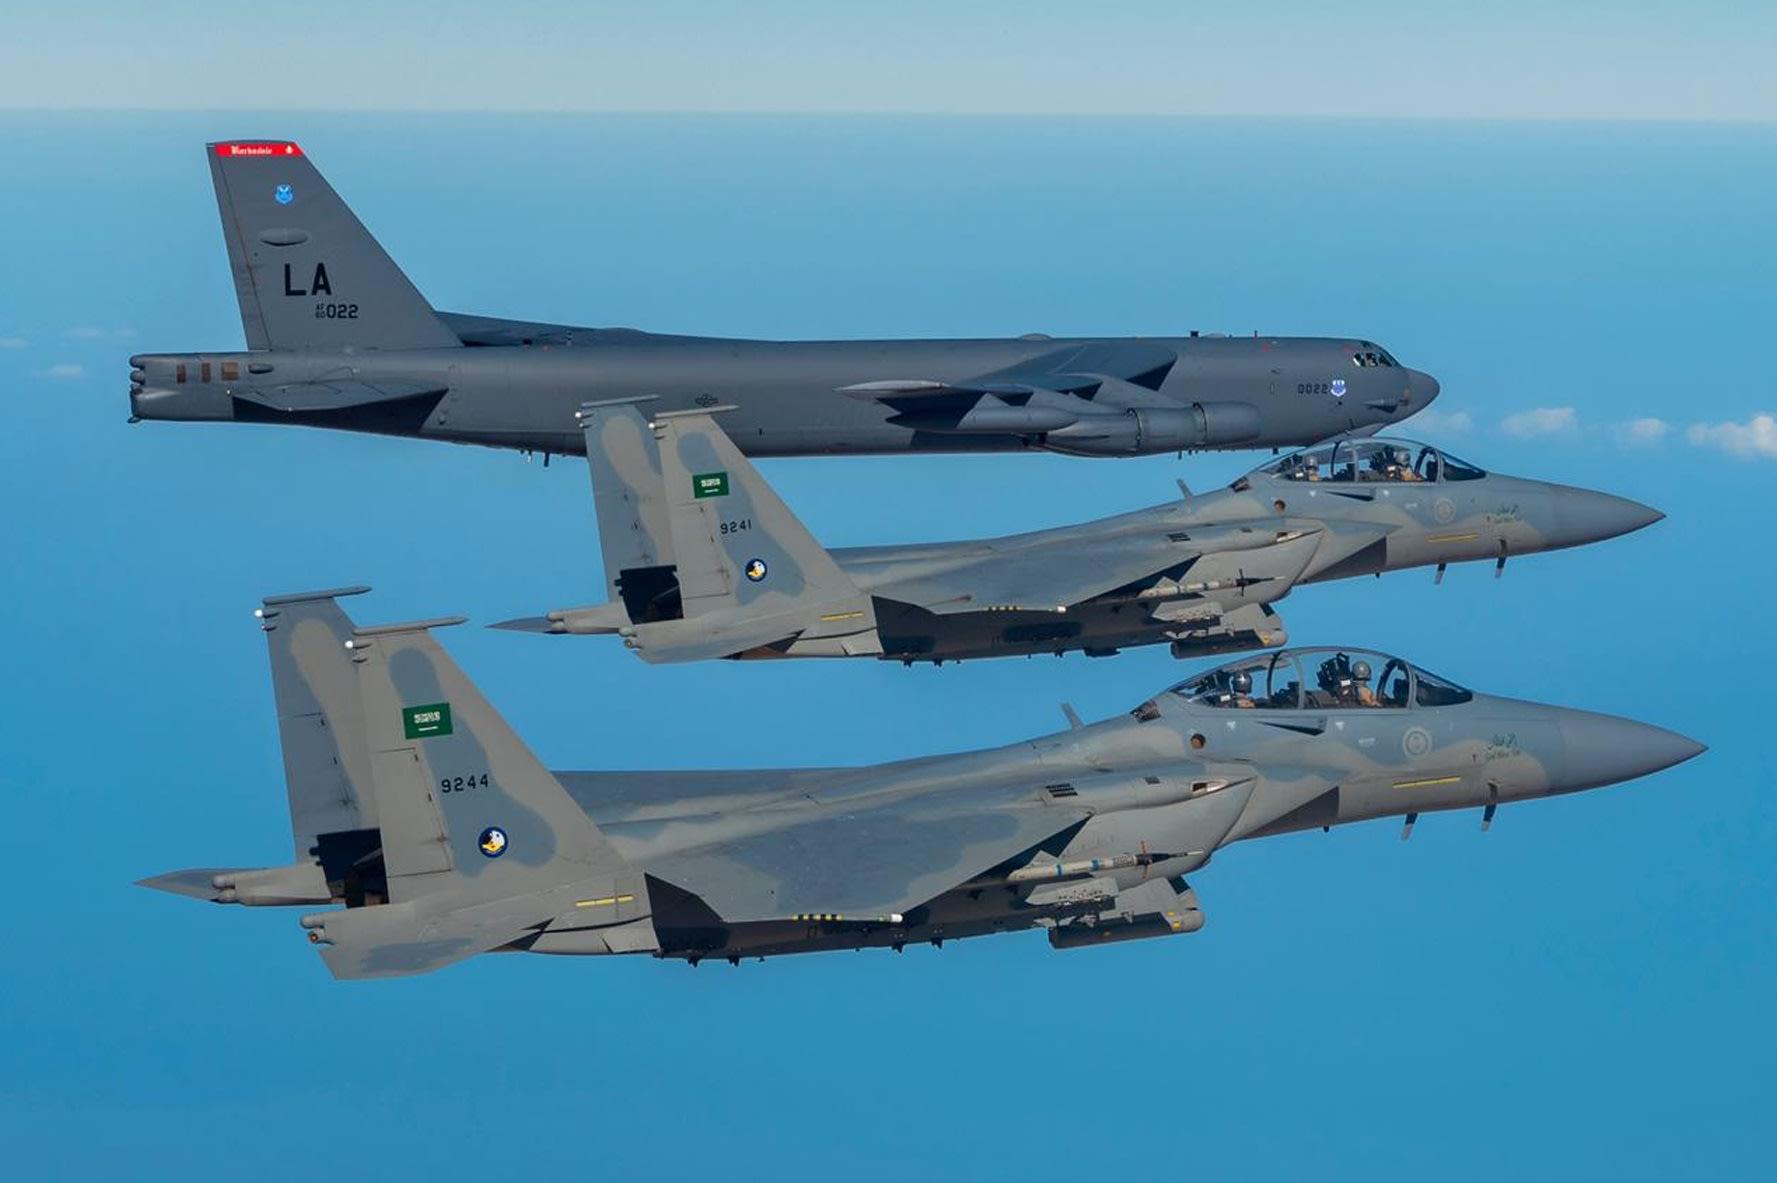 لحظة تحليق مقاتلات سعودية رفقة قاذفات أمريكية لدى عبور أجواء المملكة (فيديو)